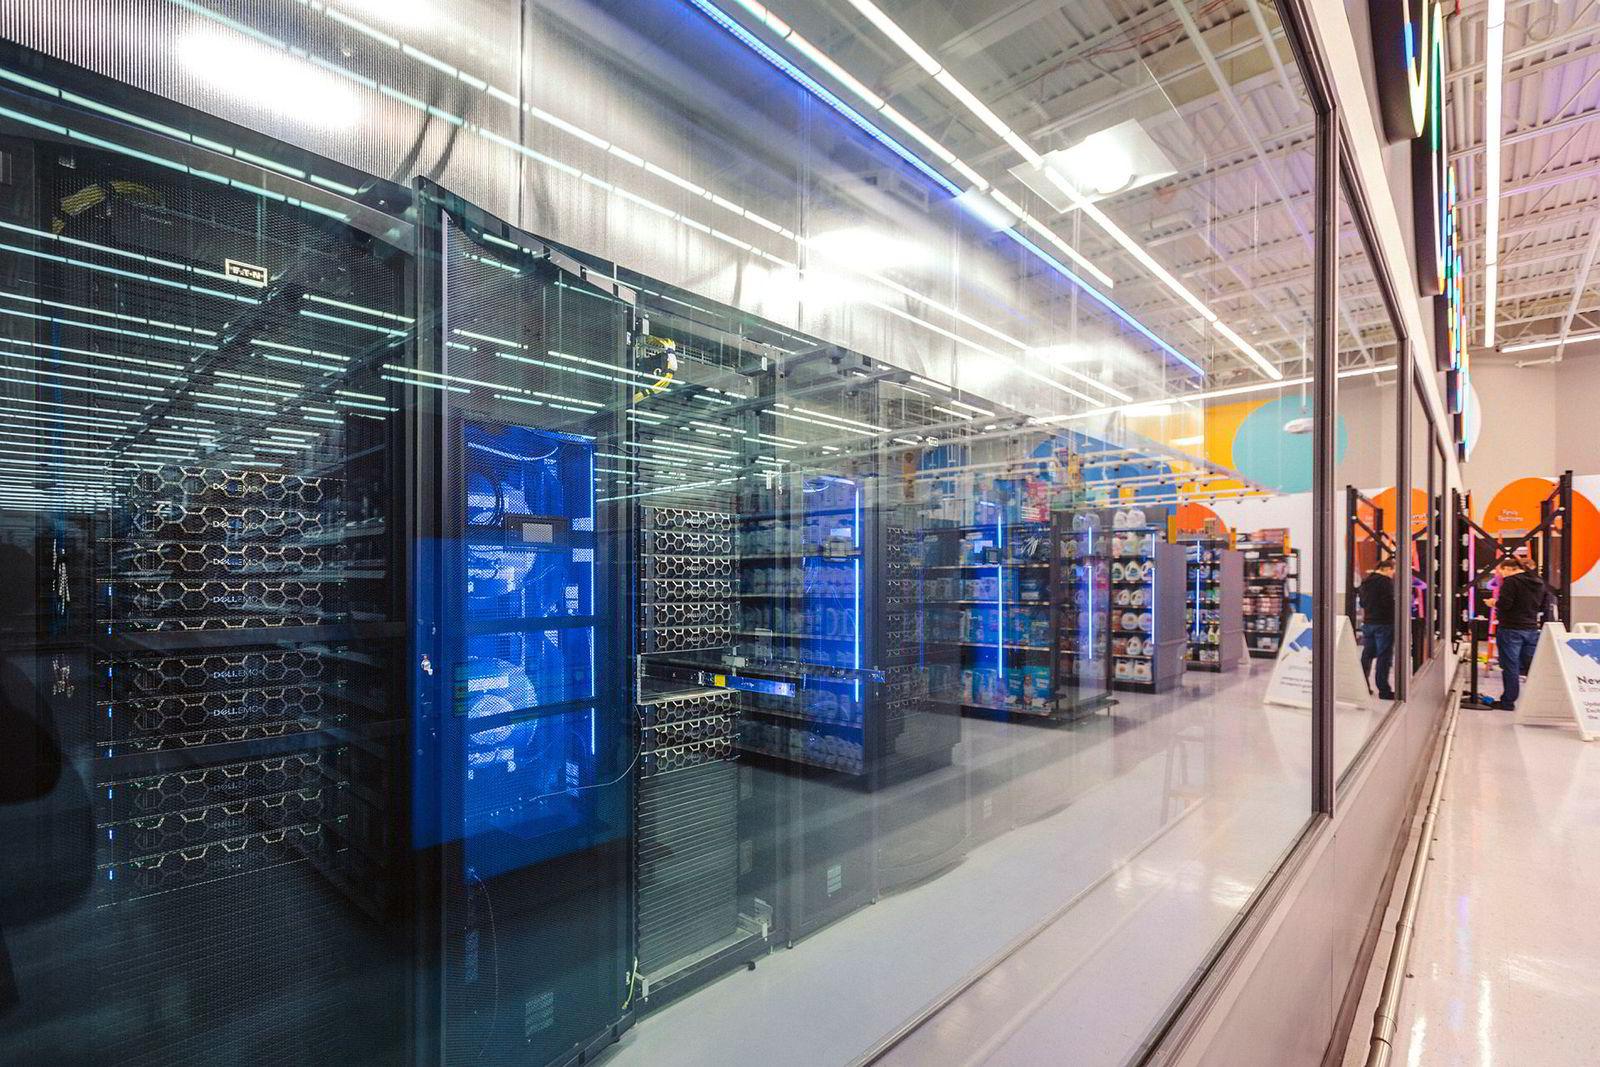 Store mengder innsamlede data håndteres av denne serverparken Walmarts testbutikk.